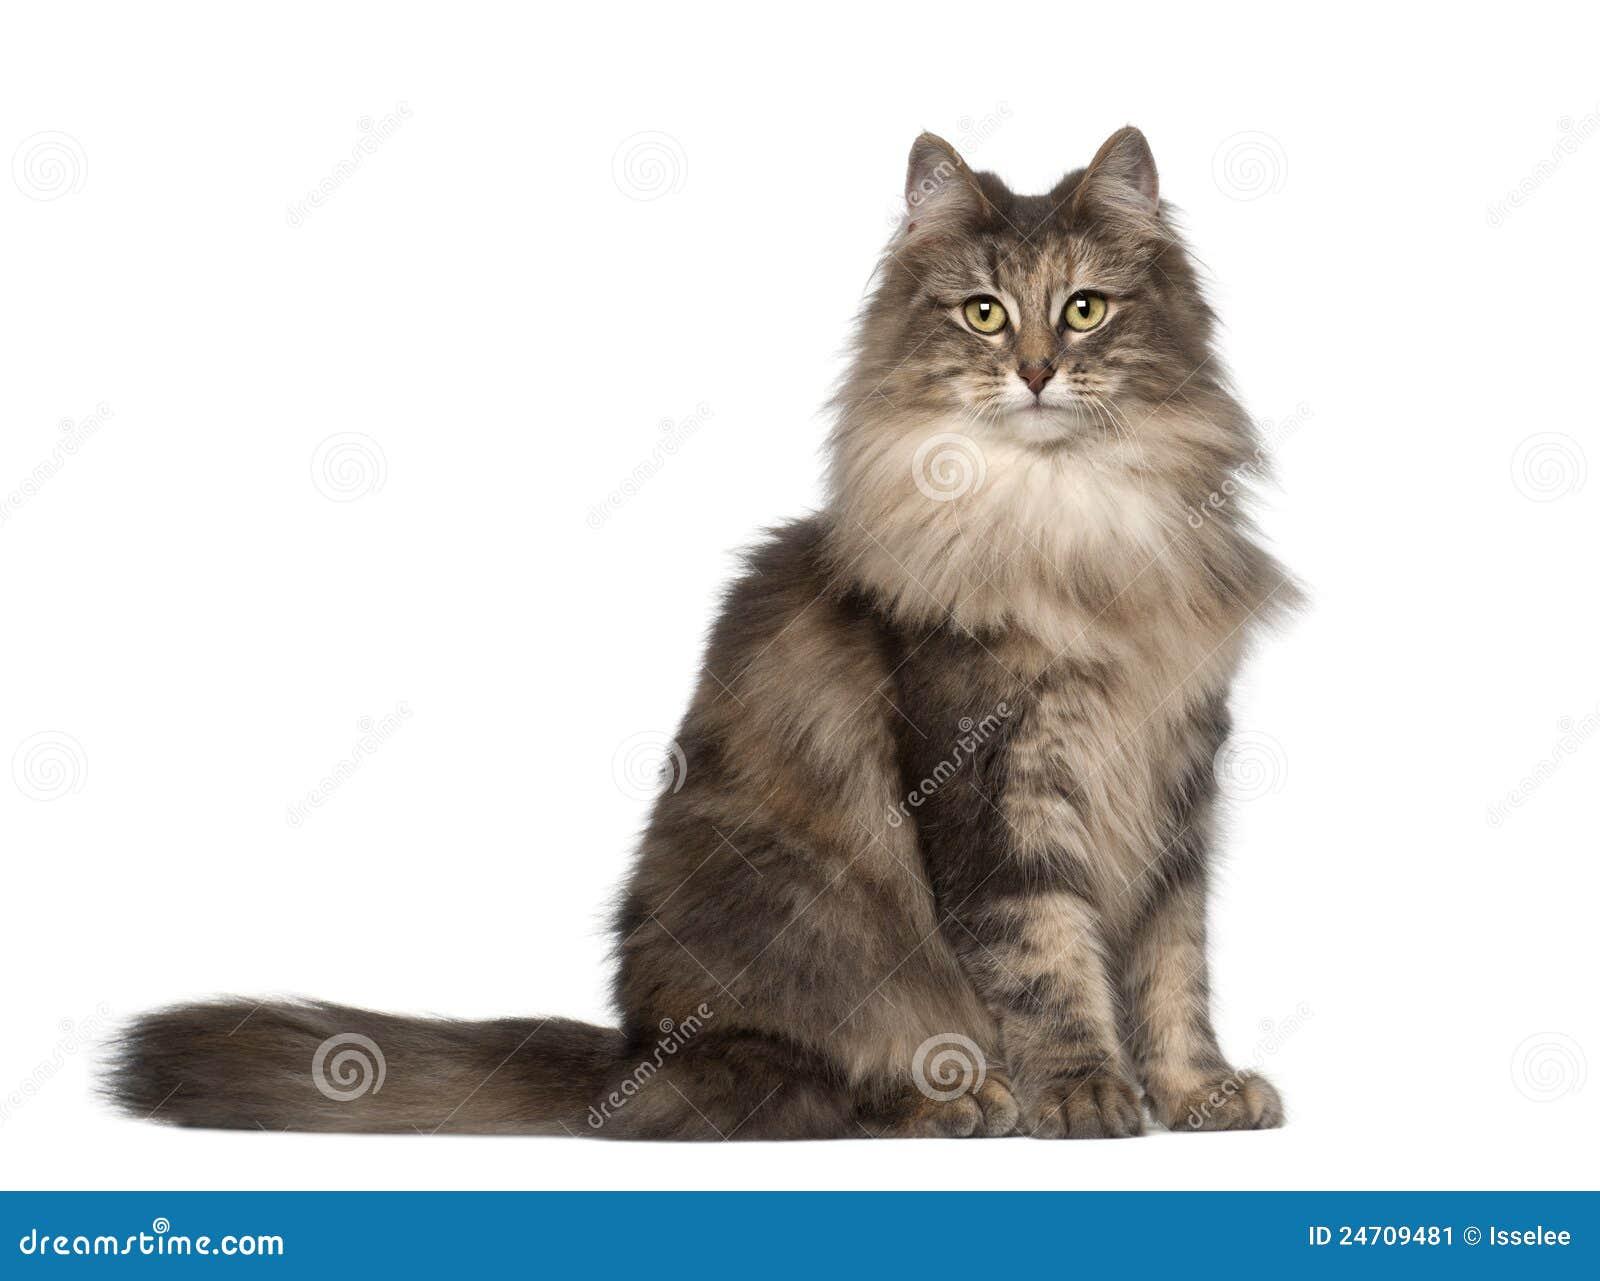 Ritratto del gatto norvegese della foresta immagine stock for Gatto della foresta norvegese